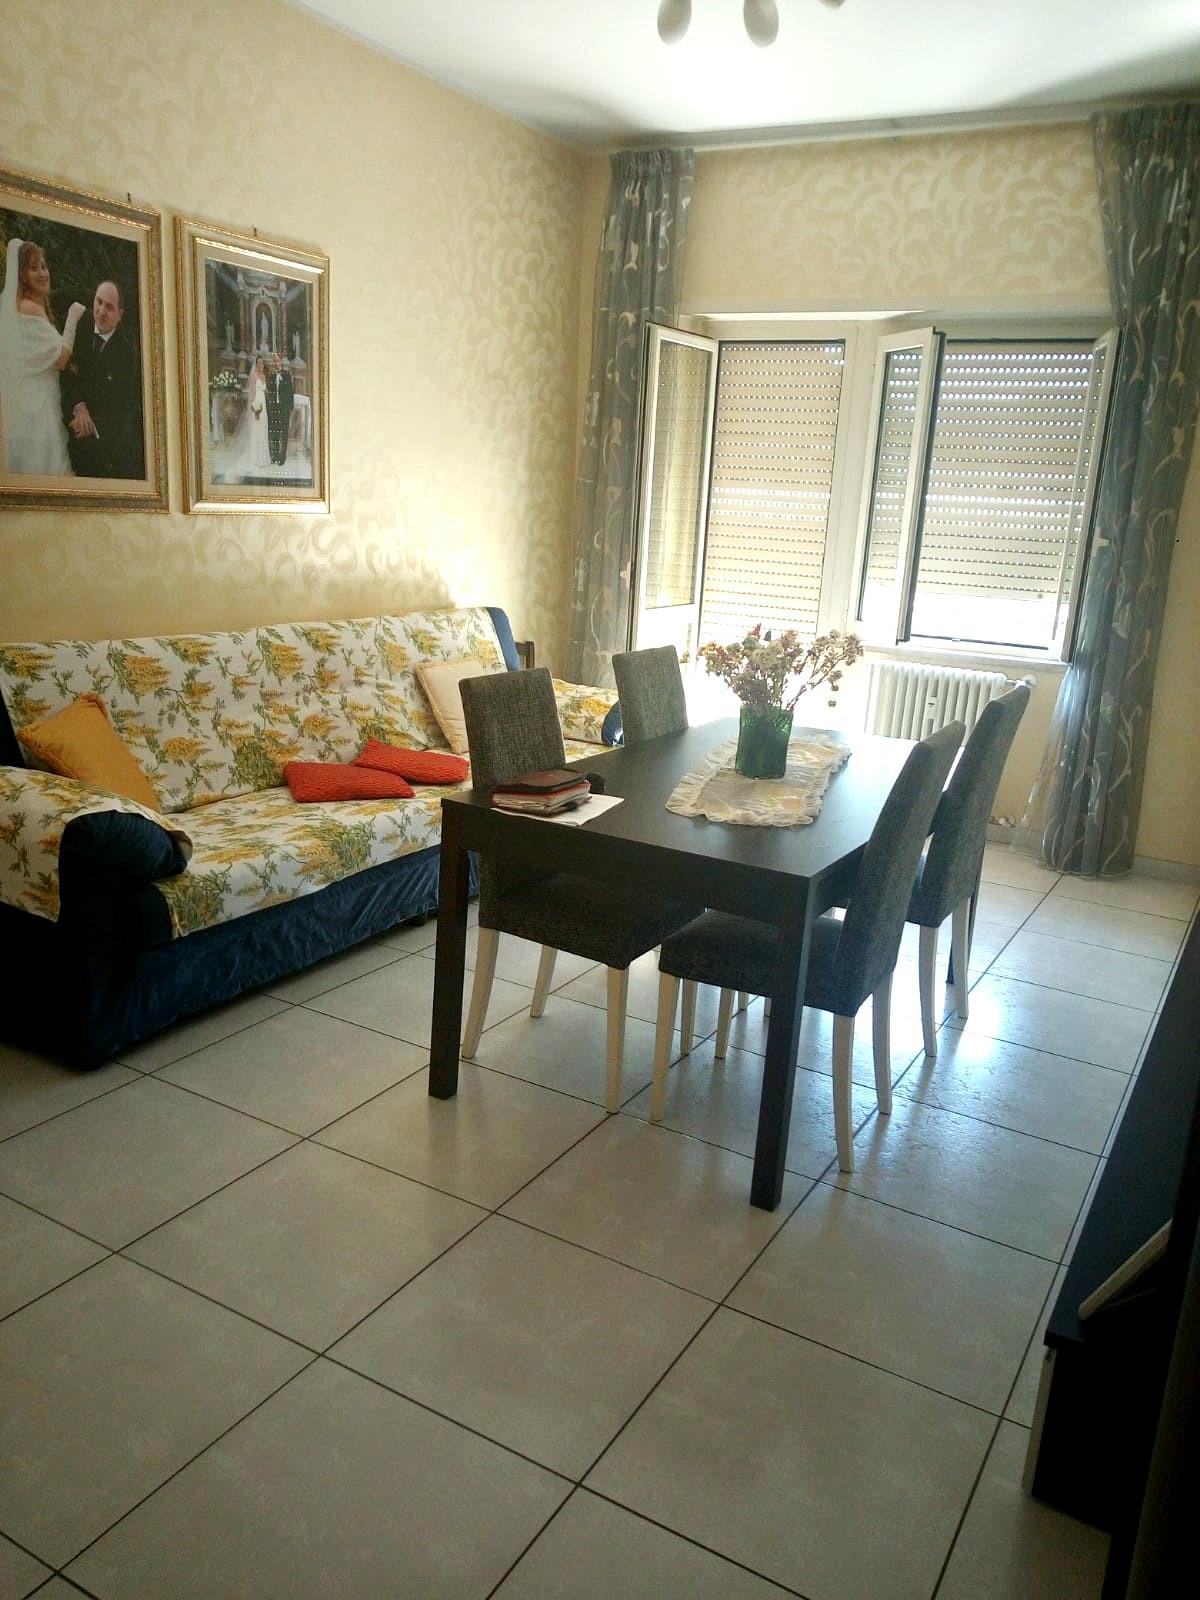 Rieti-Città Giardino: Appartamento due camere (Rif.2154)